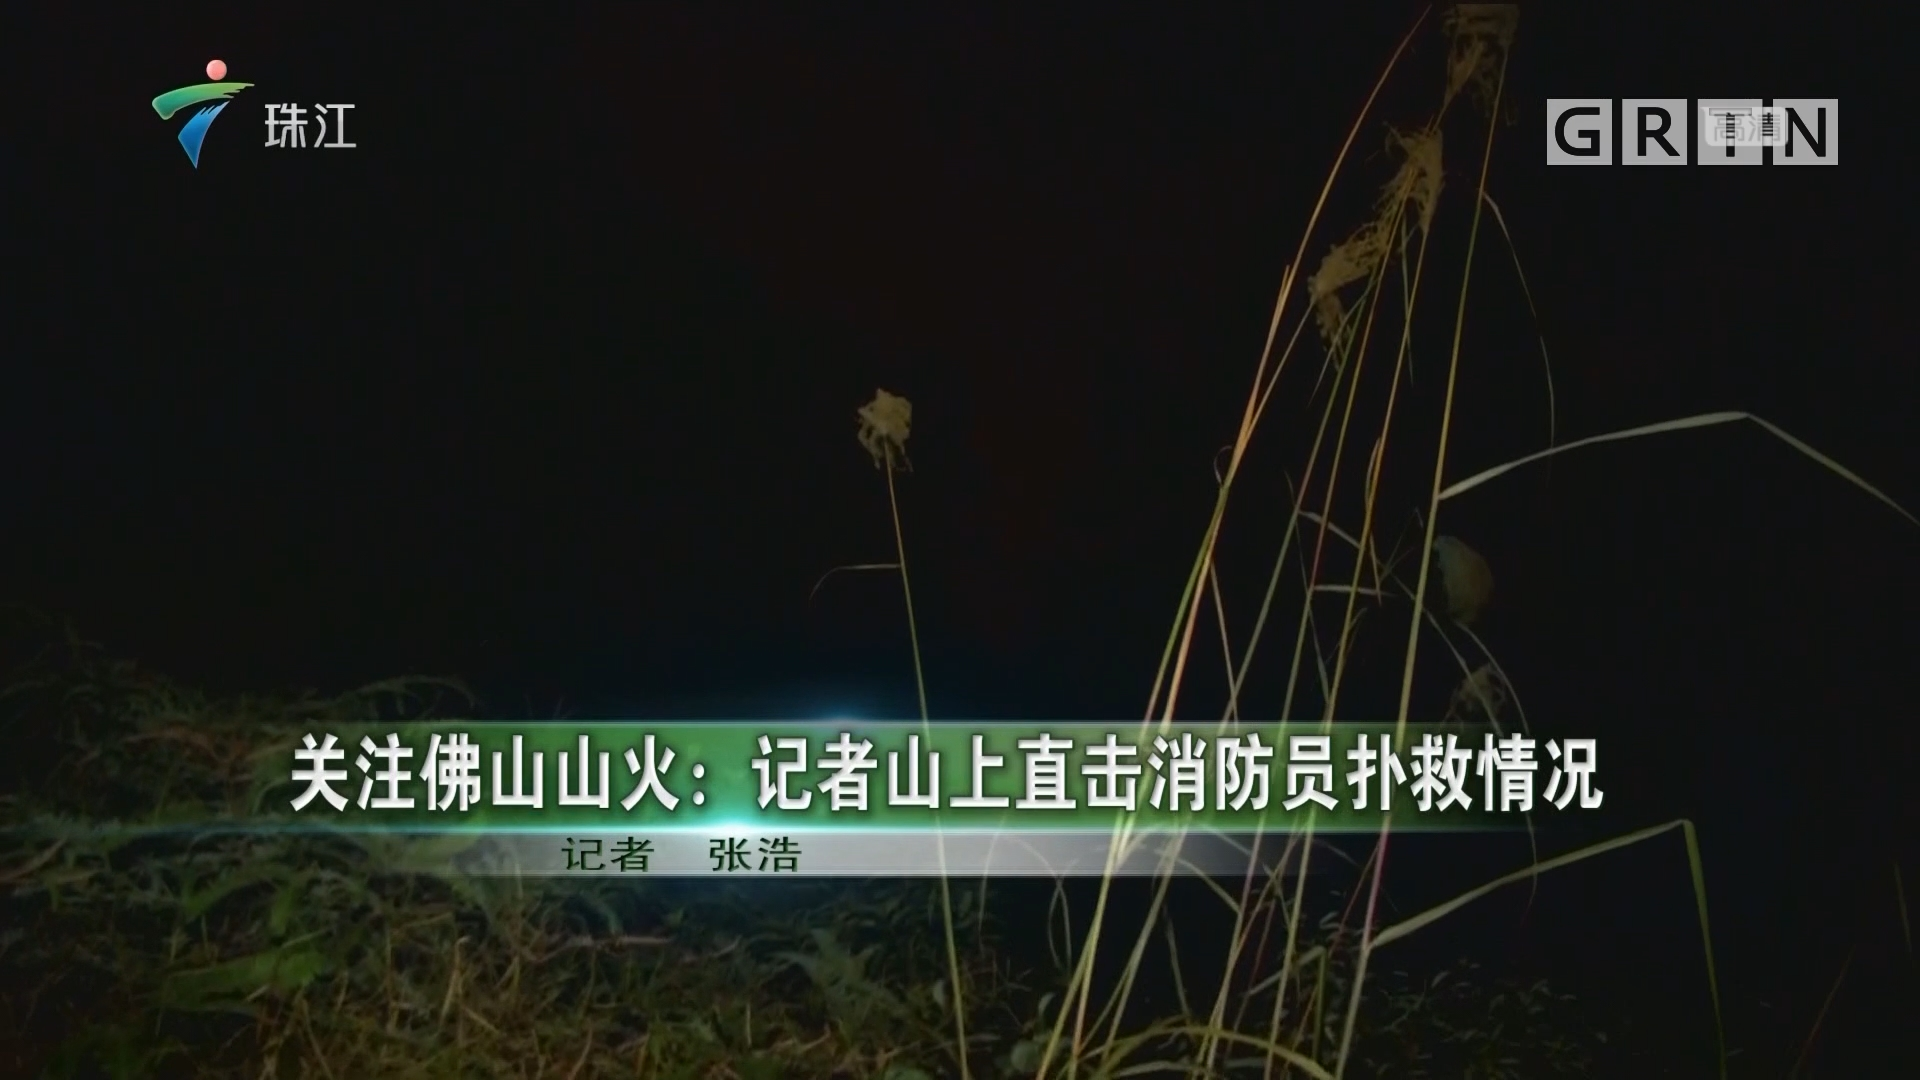 关注佛山山火:记者山上直击消防员扑救情况